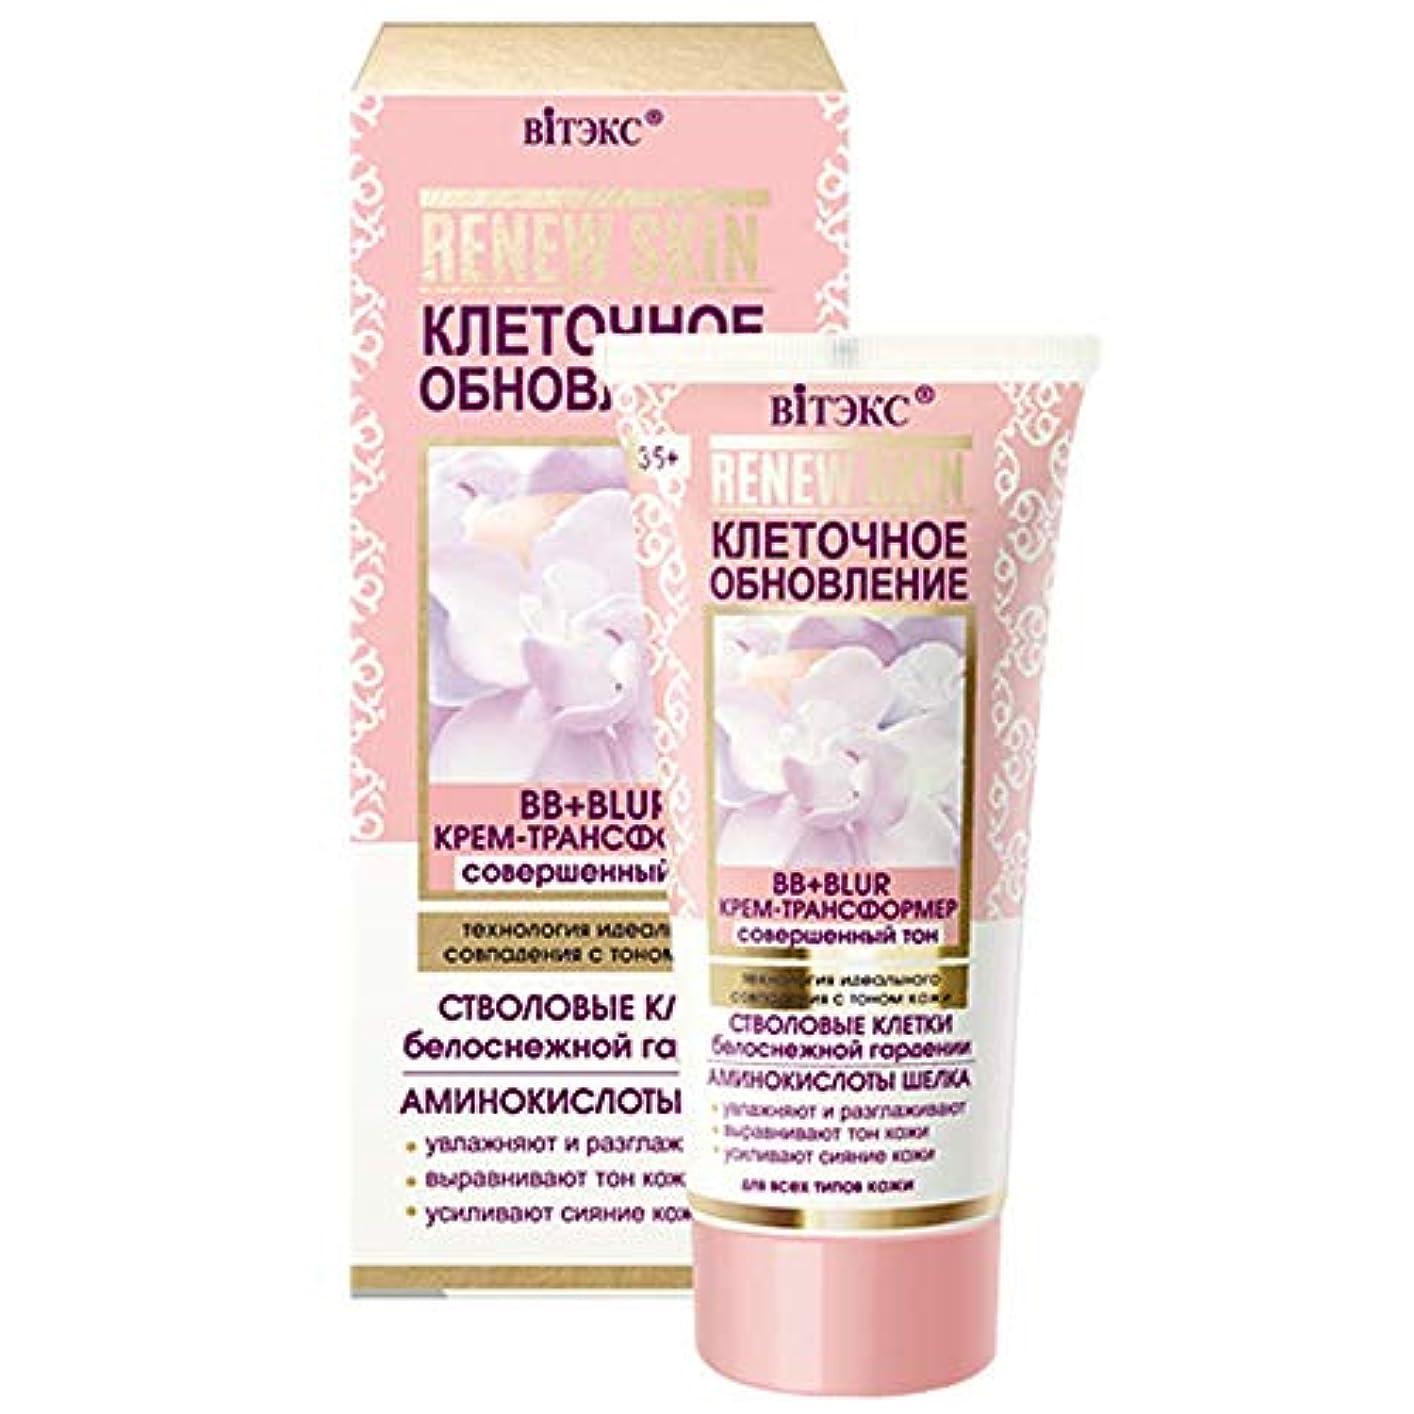 洗練お別れ攻撃Bielita & Vitex | RENEW SKIN | BB + BLUR CREAM-TRANSFORMER | Perfect tone technology of perfect match with skin...